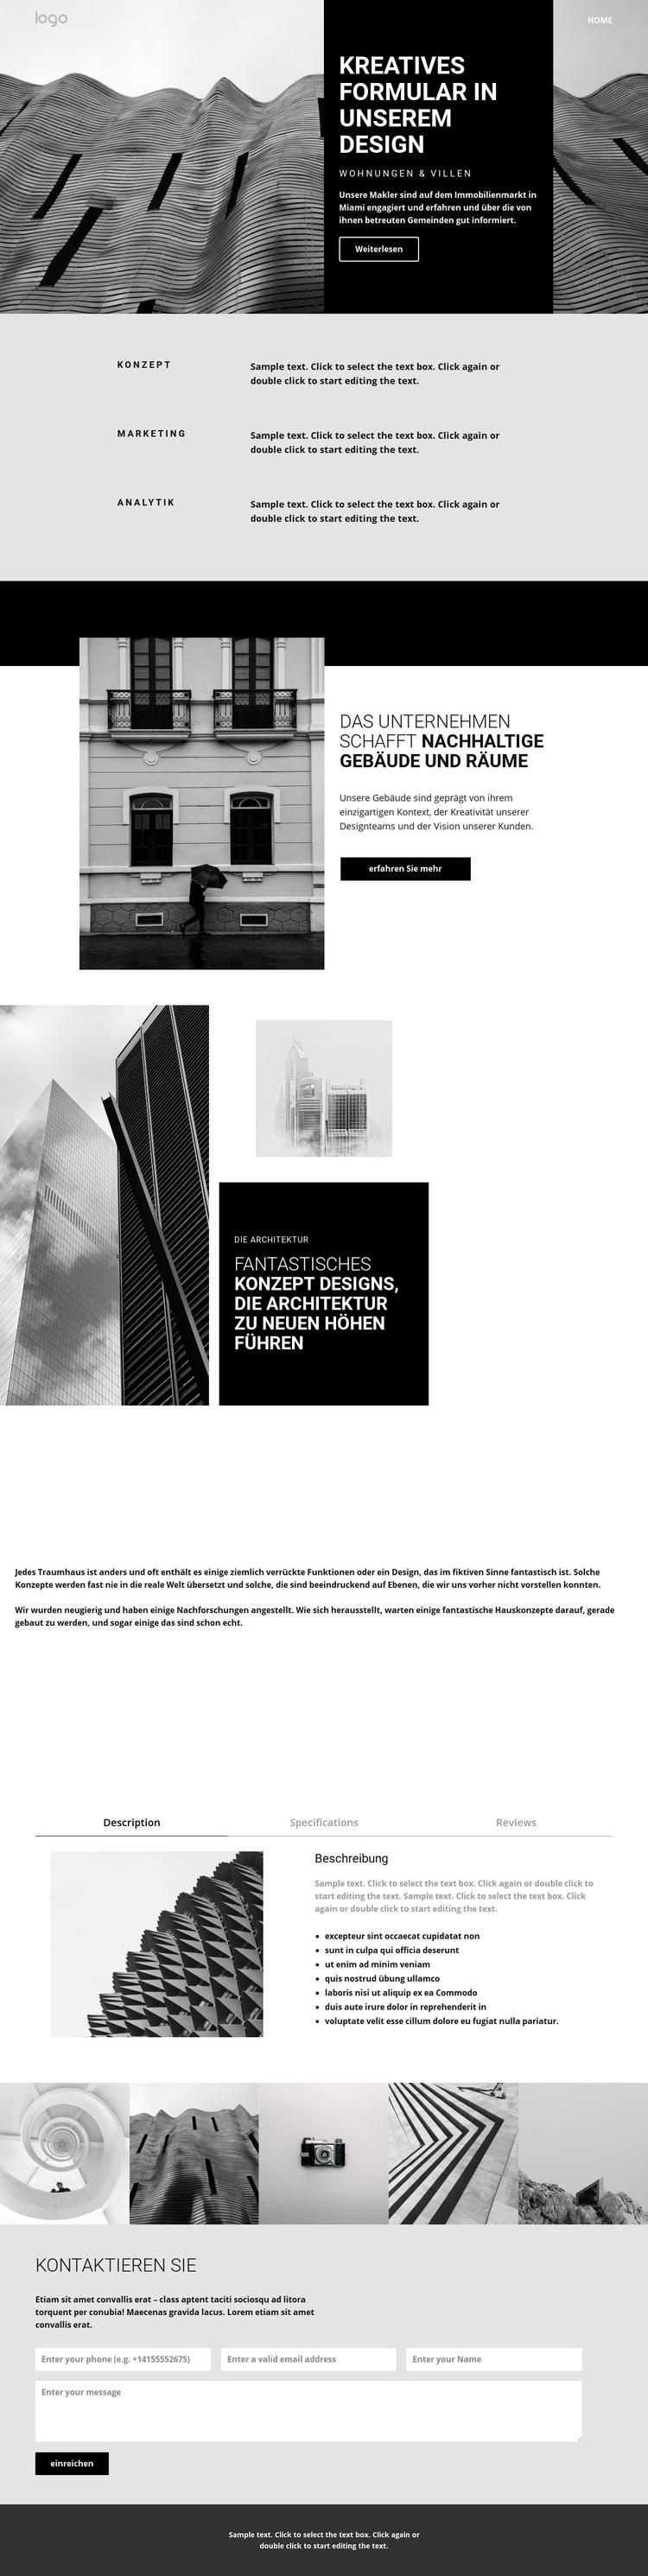 Kreative Konzeptarchitektur Website-Vorlage